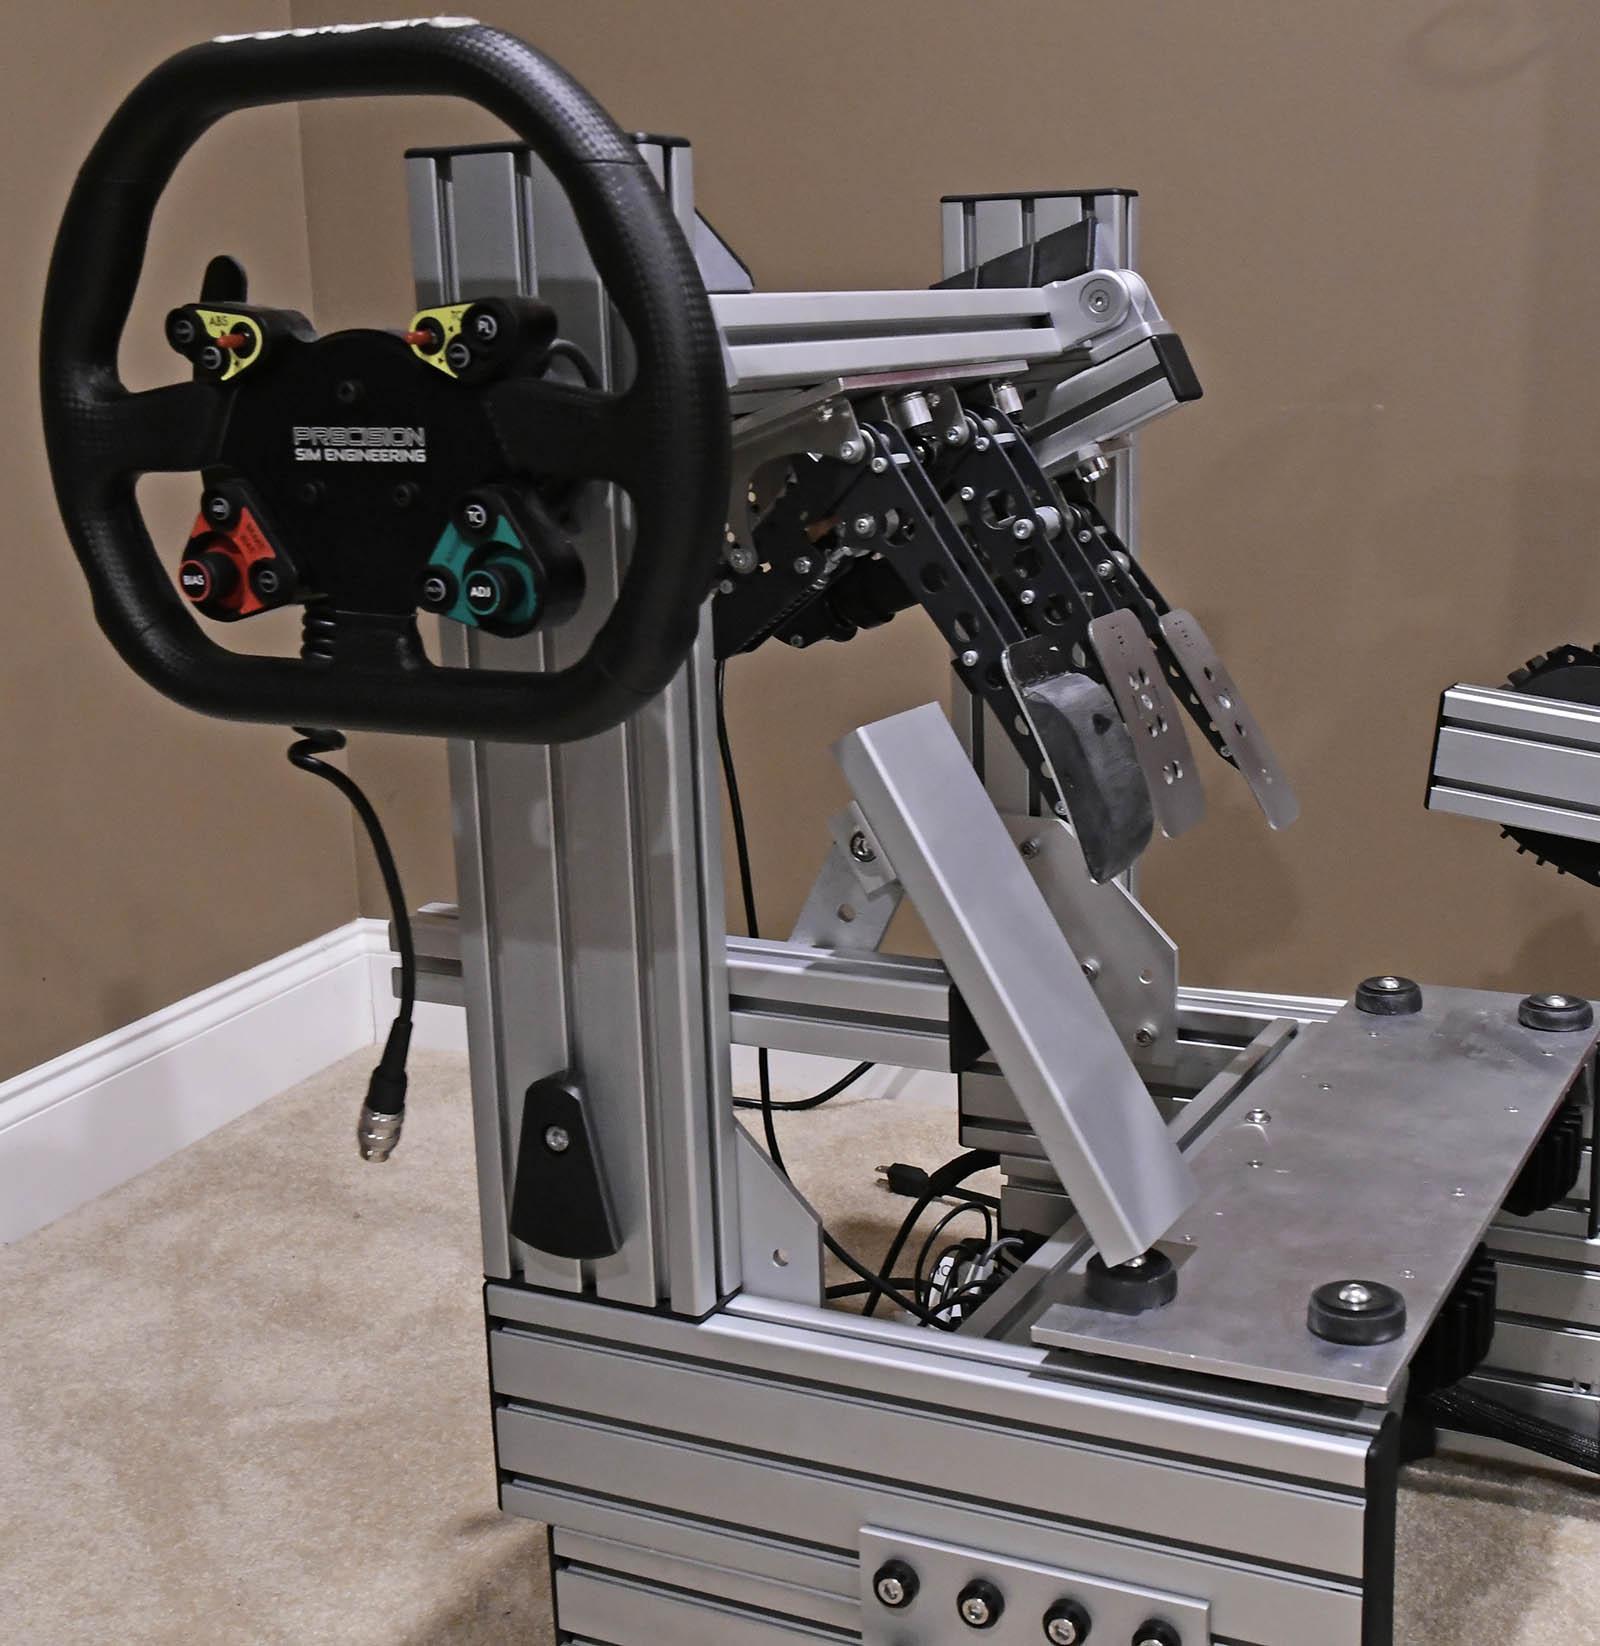 pedals_5382.jpg